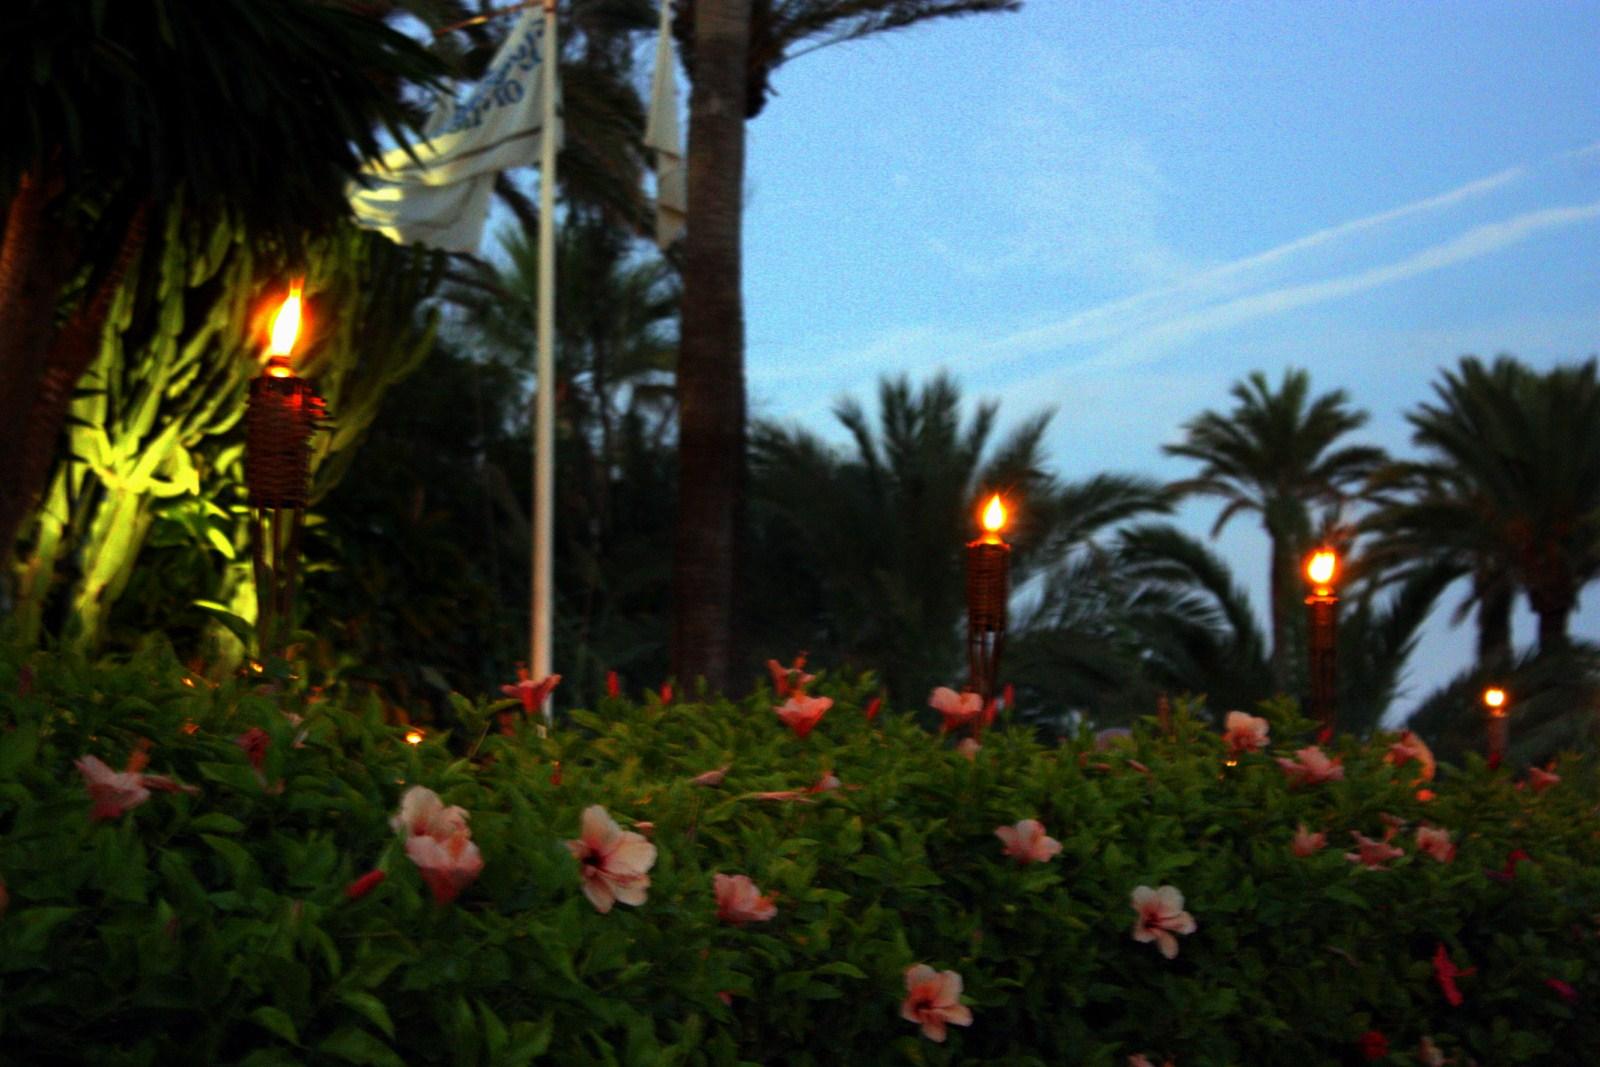 Marzua antorchas de jard n para las noches m s claras for Antorchas jardin